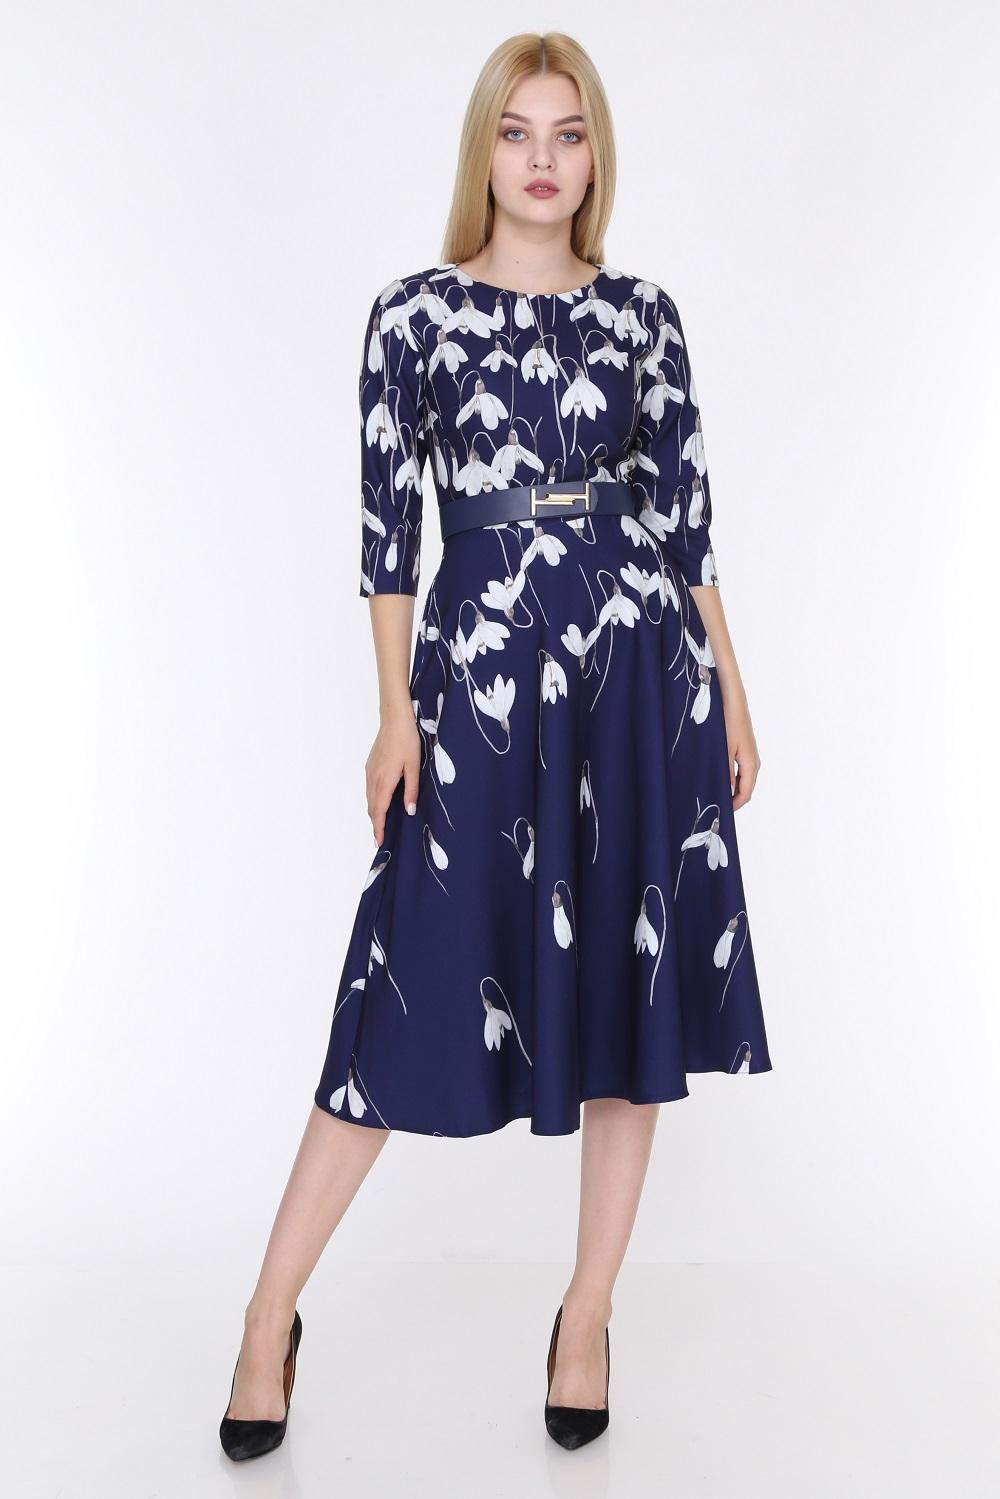 Lale Desenli Lacivert Renk Elbise